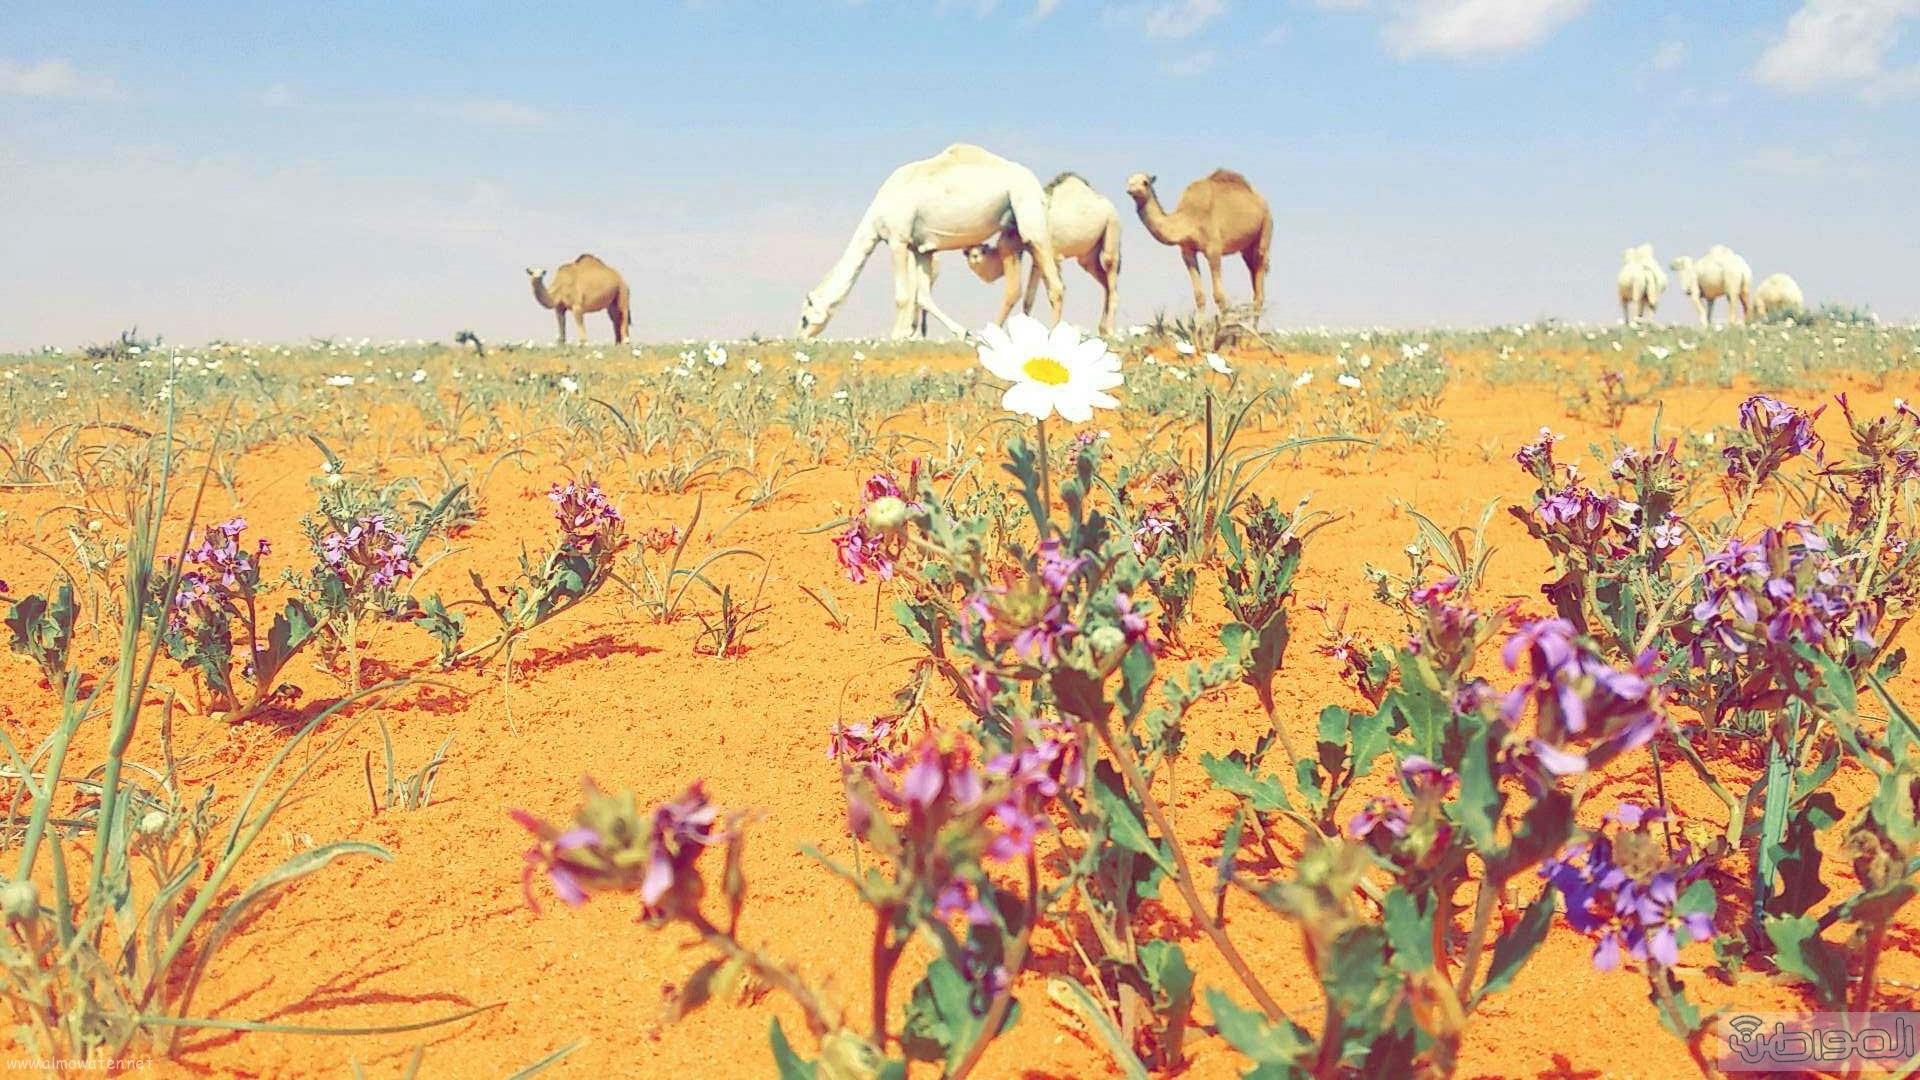 ربيع الجبيلي وعذفا شمال السعودية (7)